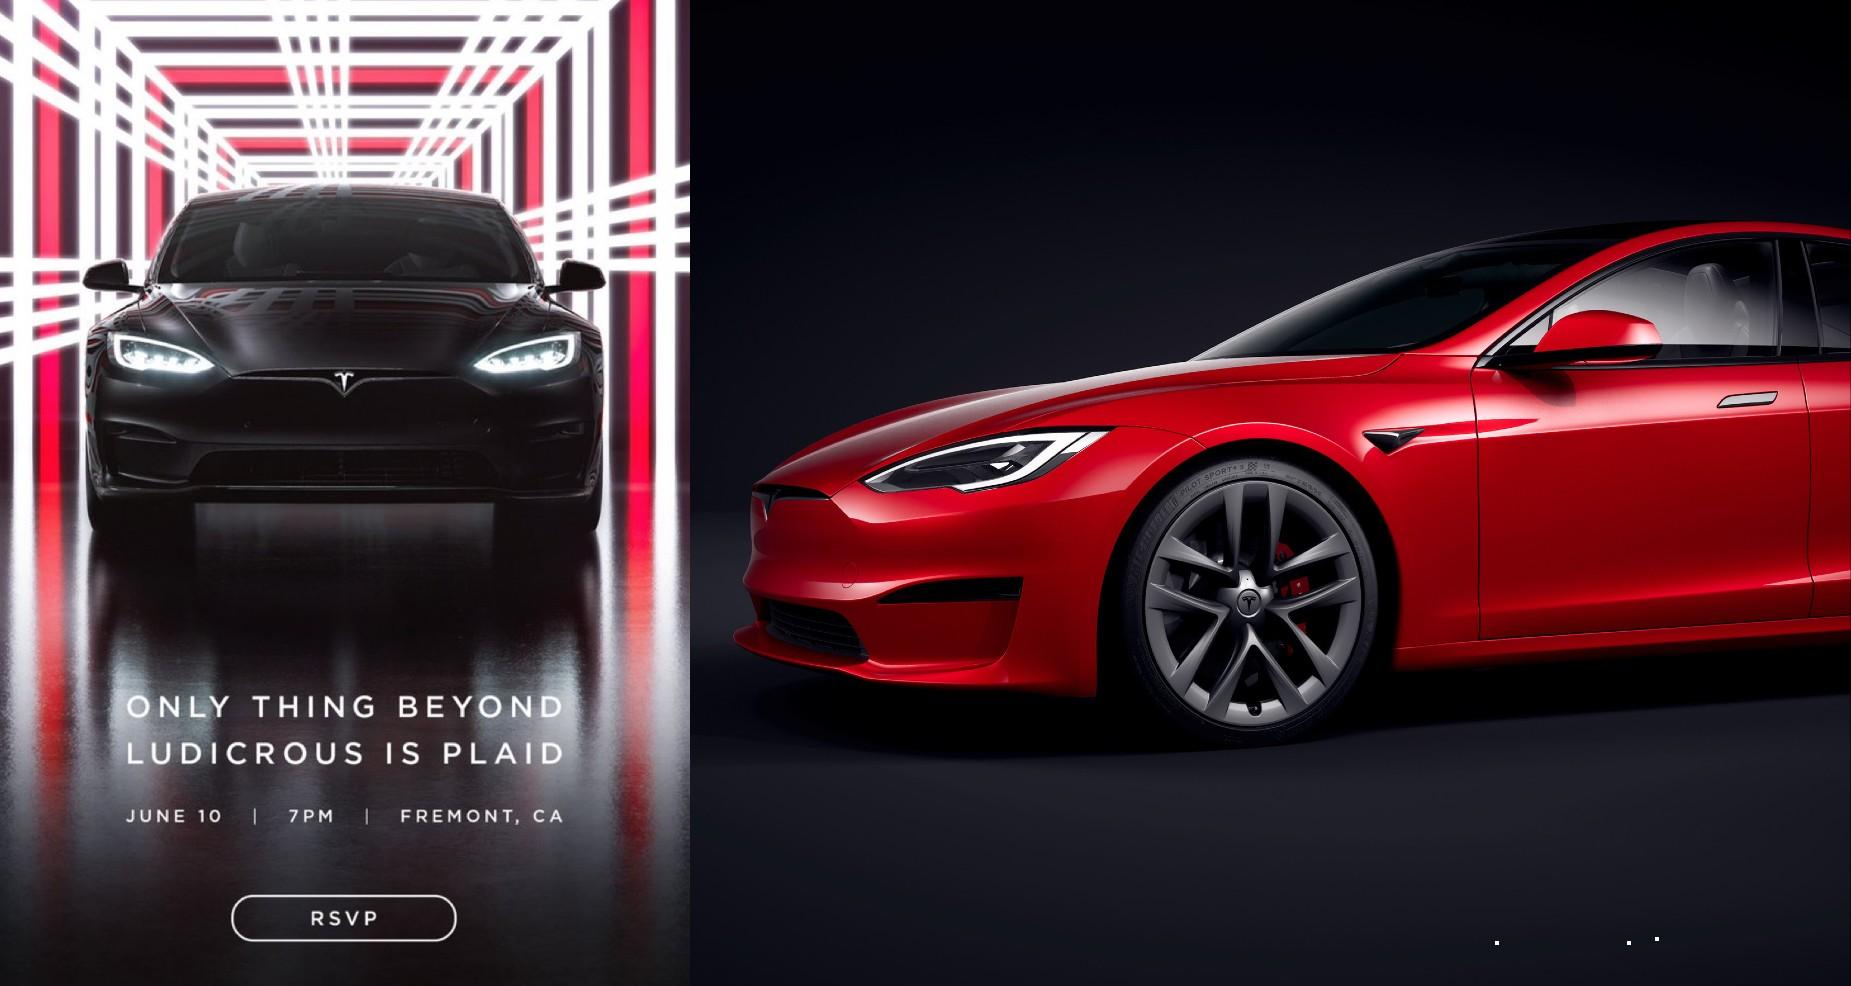 Мероприятие по доставке Tesla Model S Plaid приглашает к выпуску